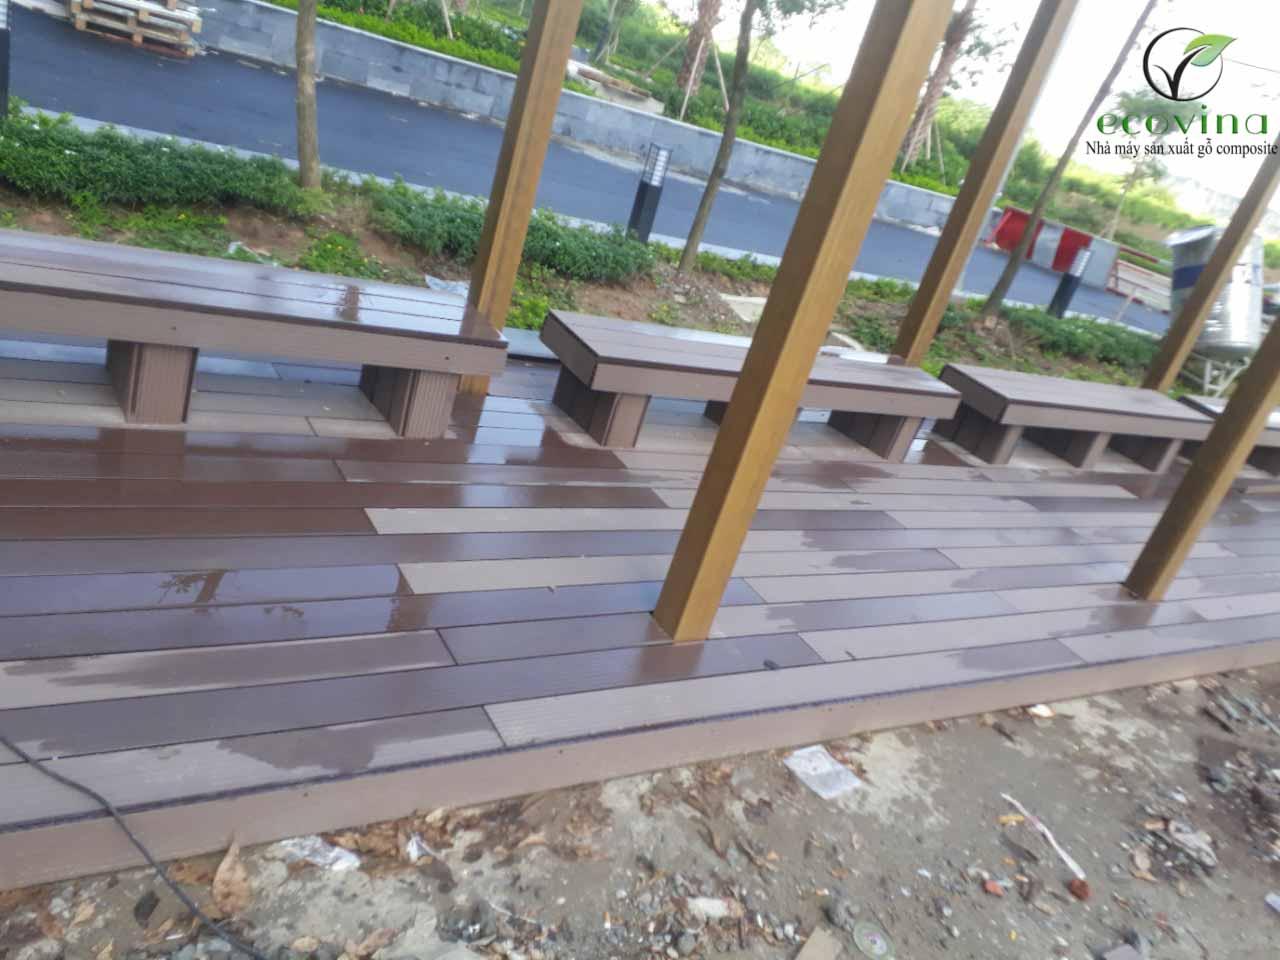 Trần nan- sàn gỗ ngoài trời Ecovina